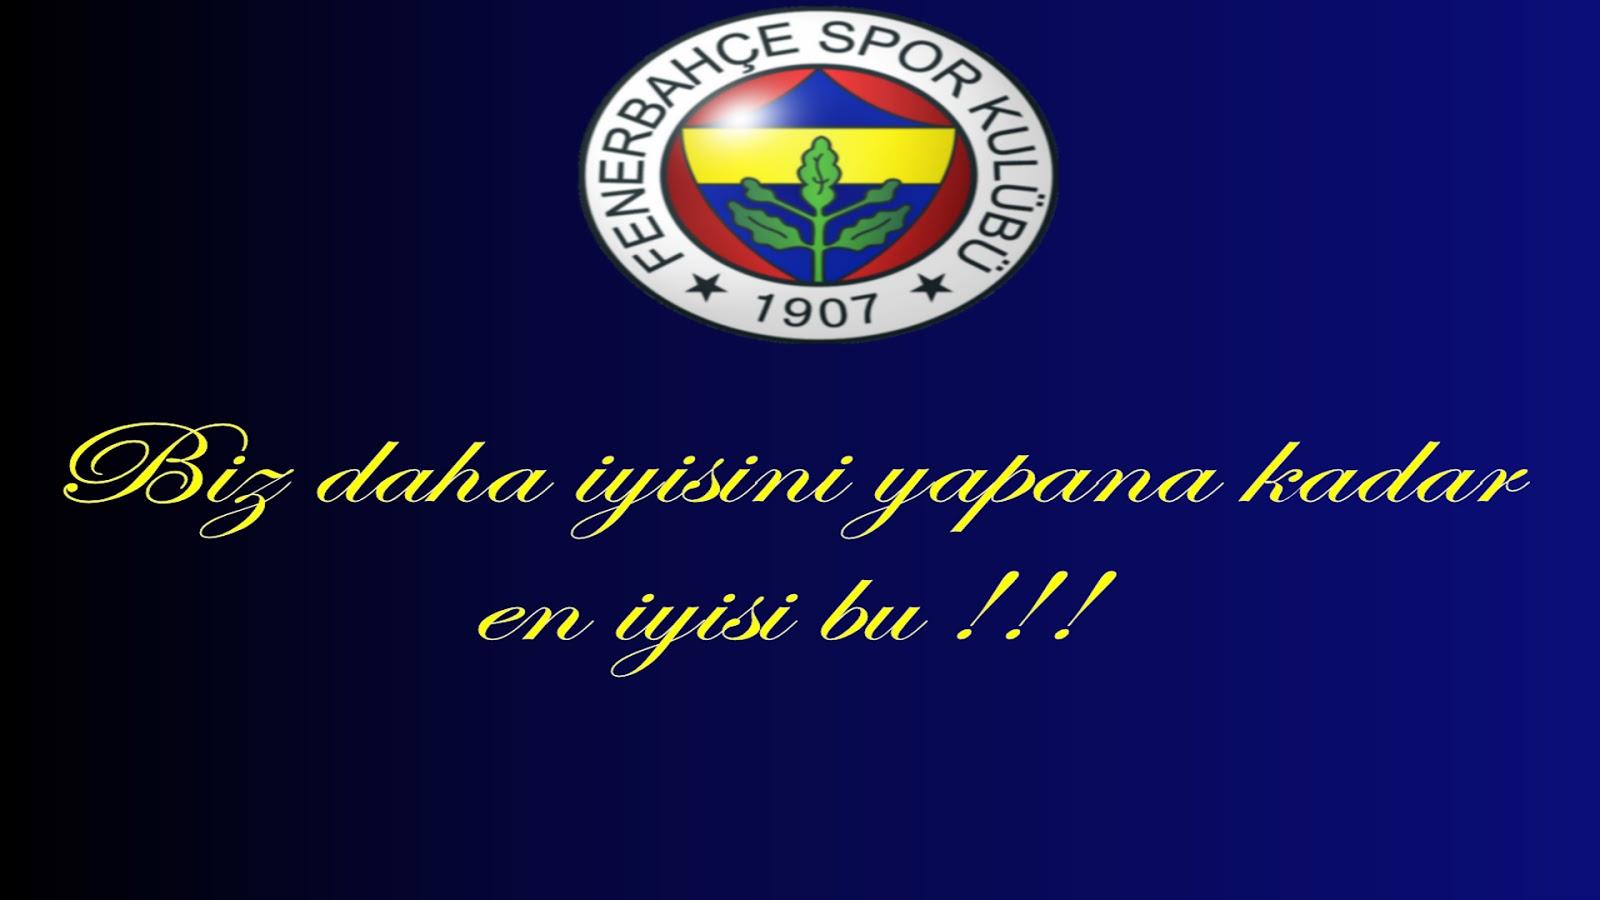 Fenerbahçe hd masaüstü resimleri arkaplan resimleri hd wallpapers